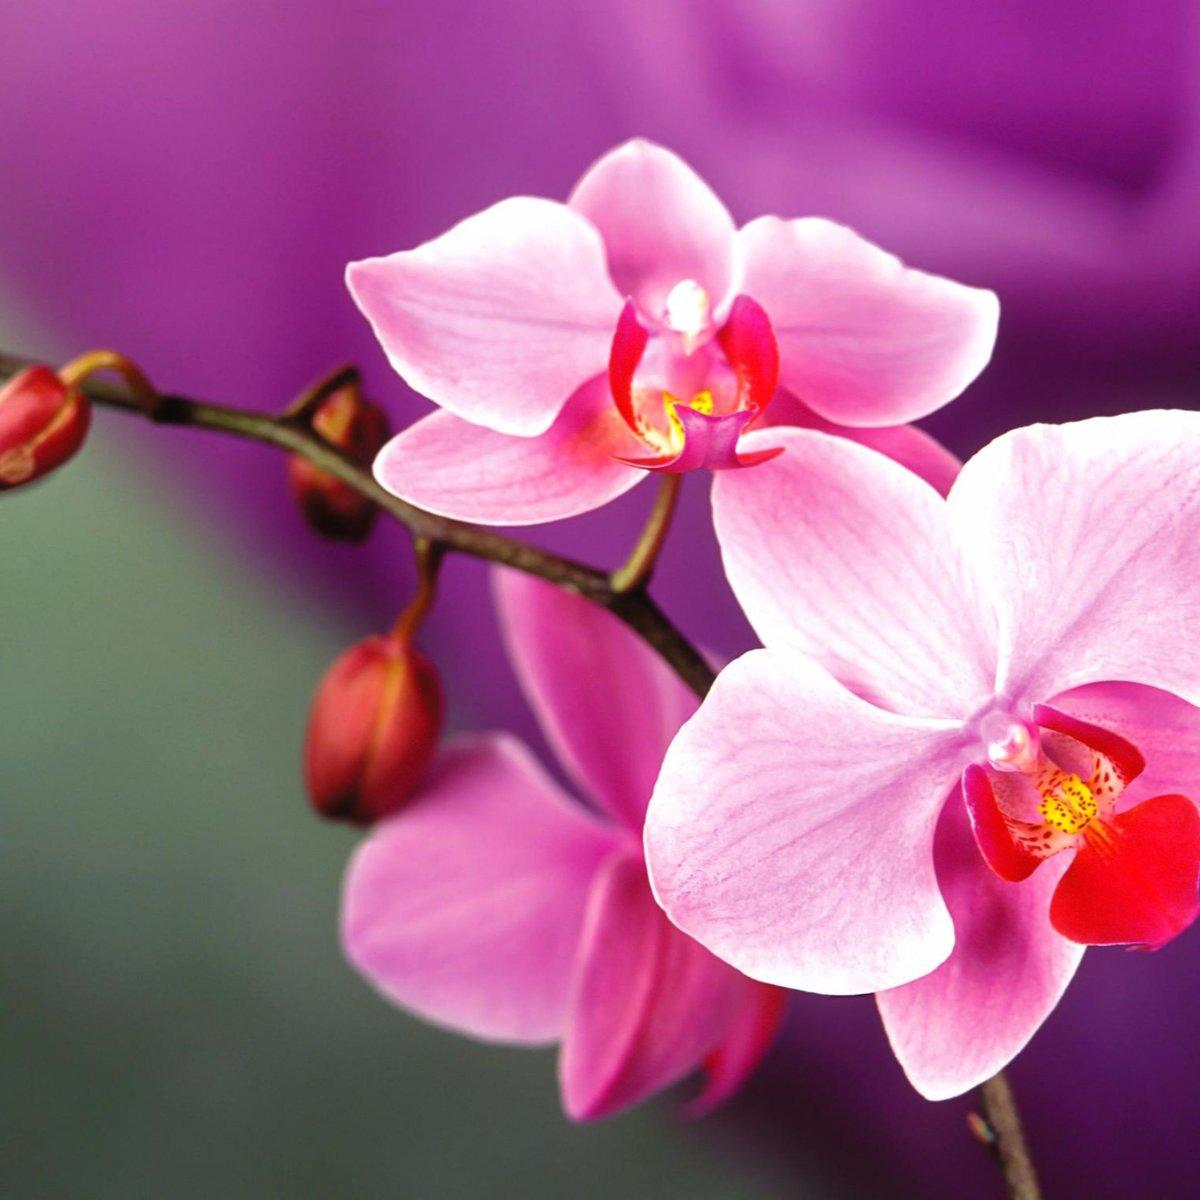 Картинки цветы красивые, куклы винкс гифки